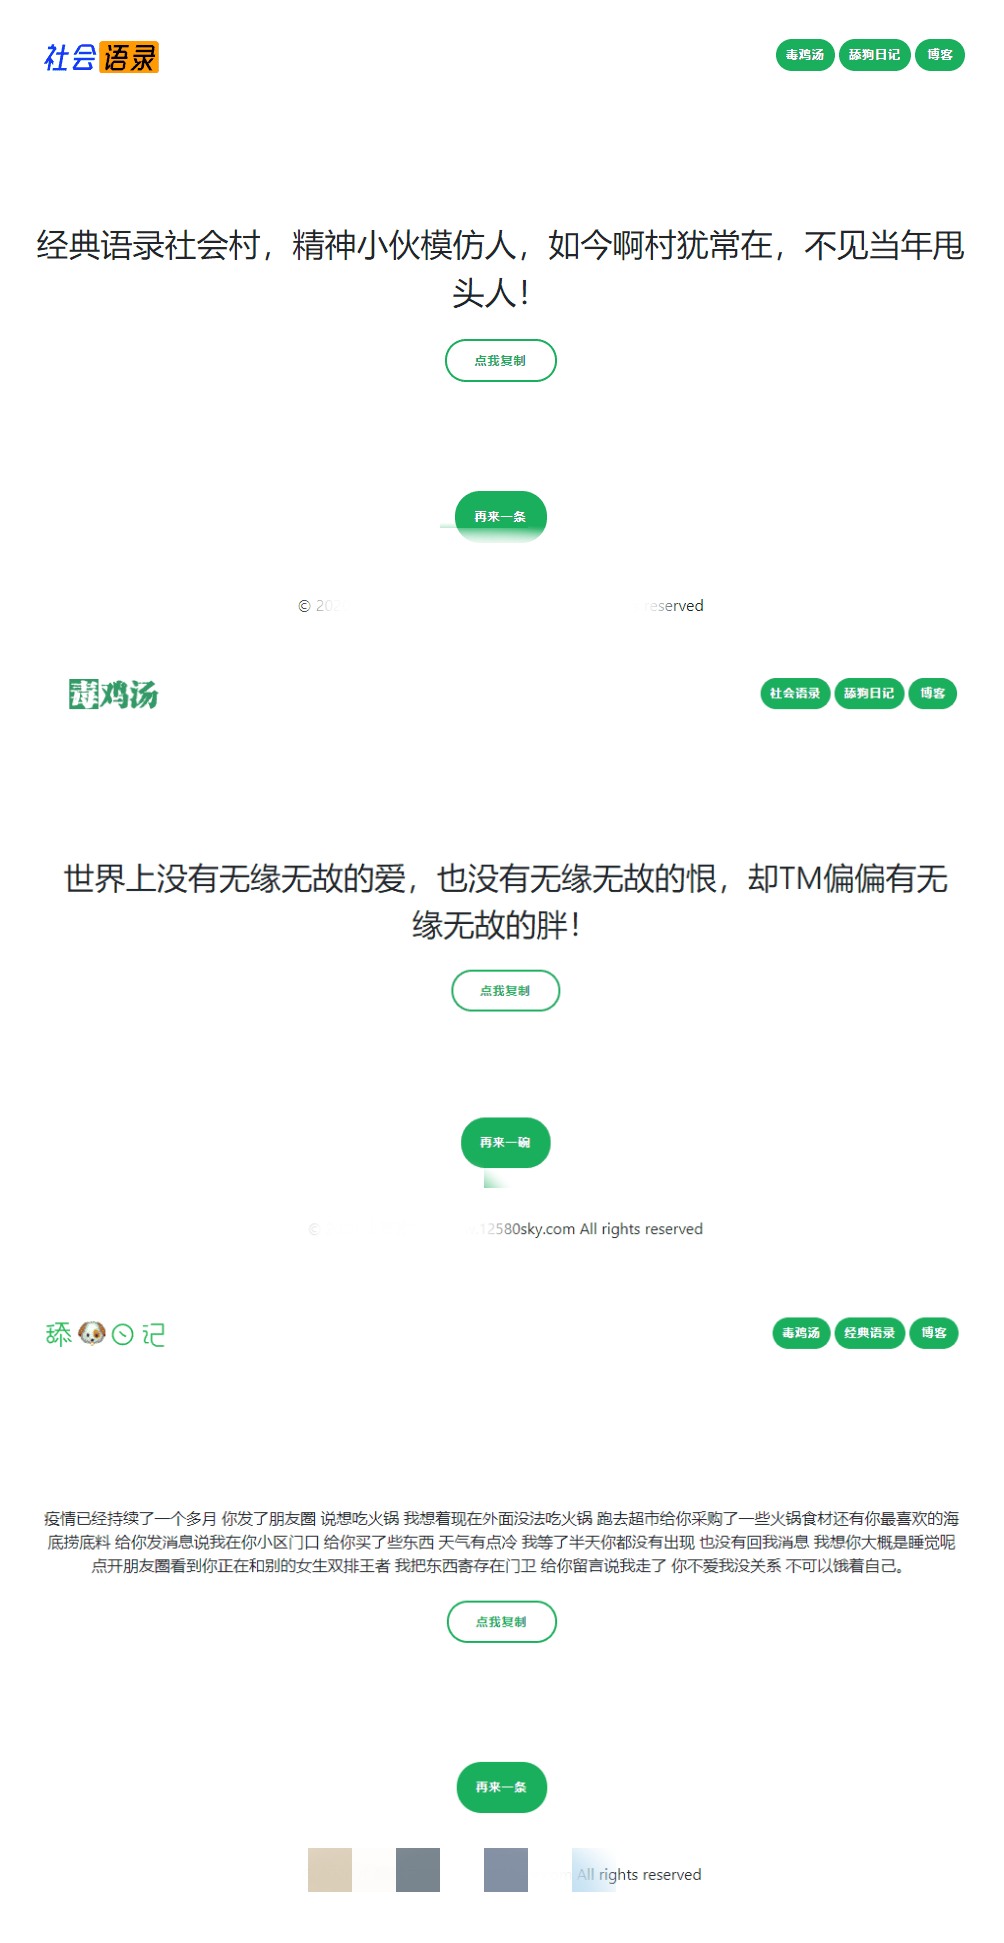 毒鸡汤+舔狗语录+社会语录3合1网站源码